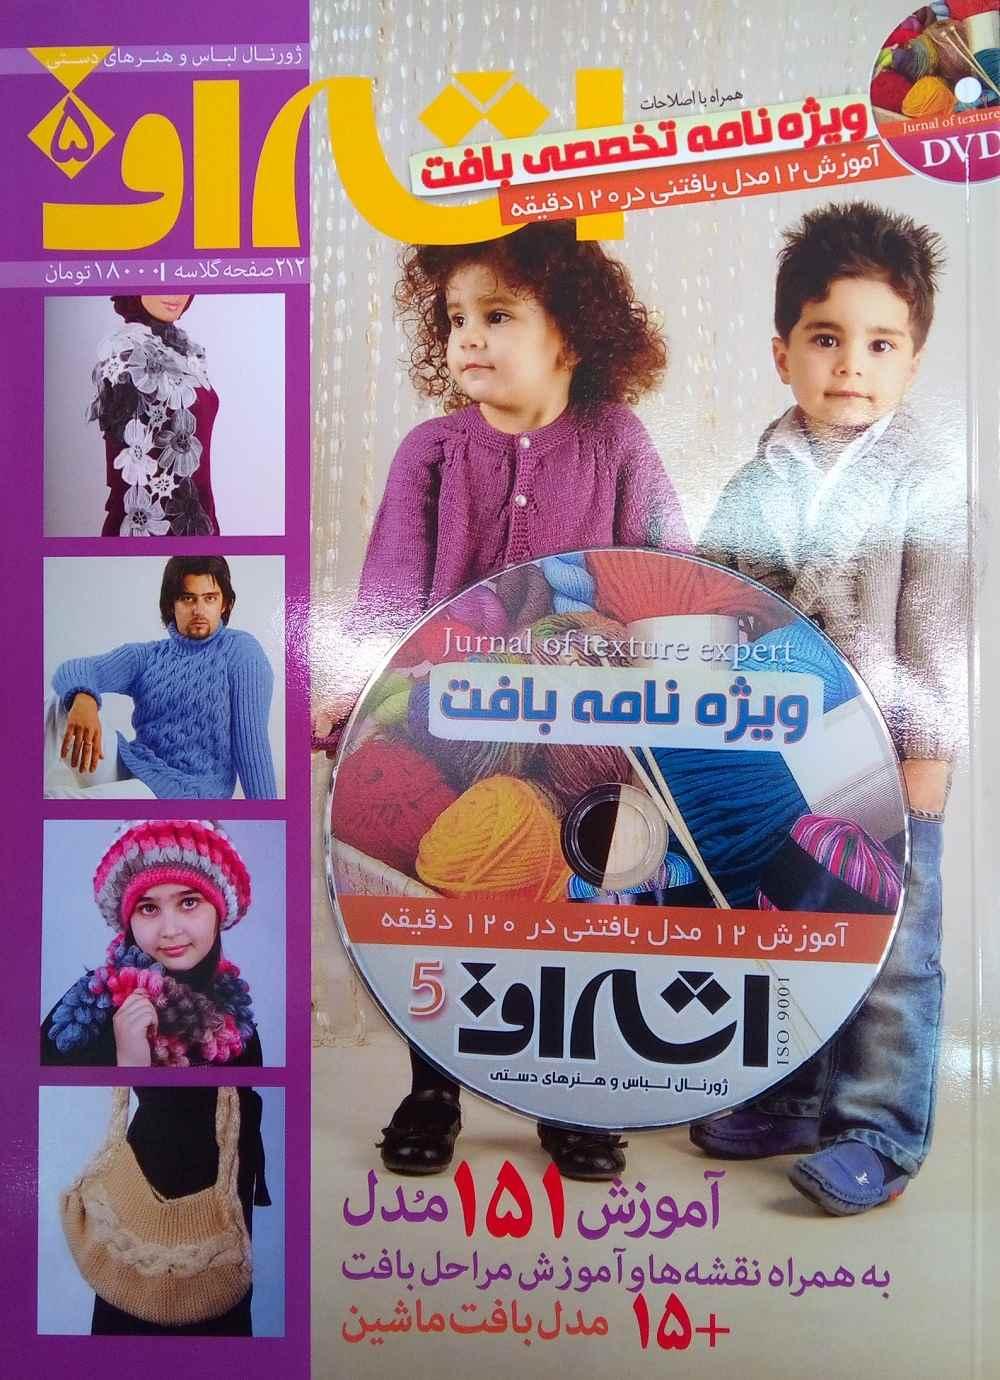 مجله بافتنی اشراق 5 در شهر کاموا